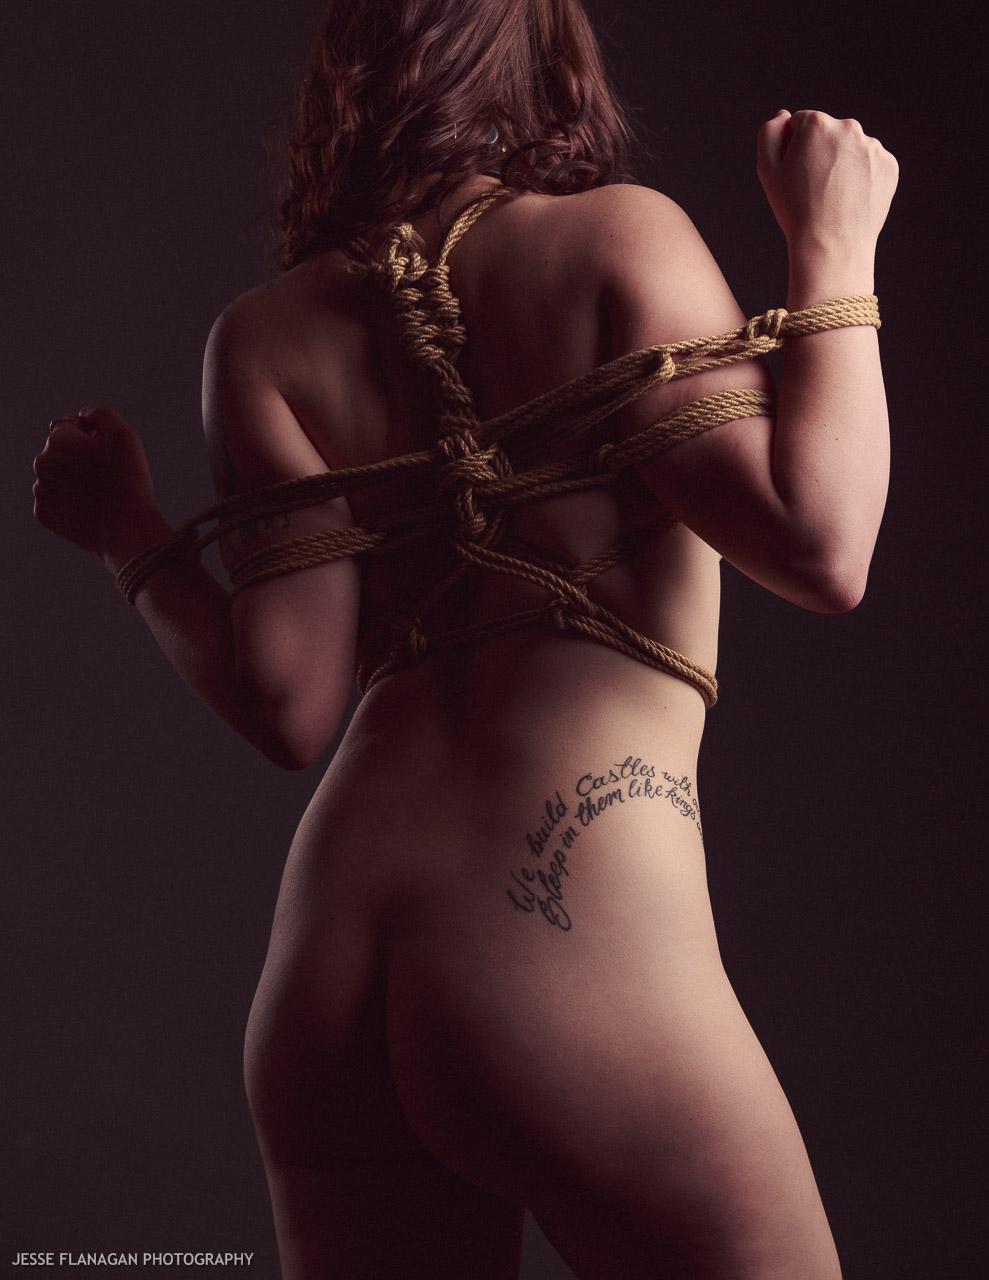 【SMエロ画像】調教で明かす聖夜も乙w性なるM女たちの緊縛姿と恥部www 06